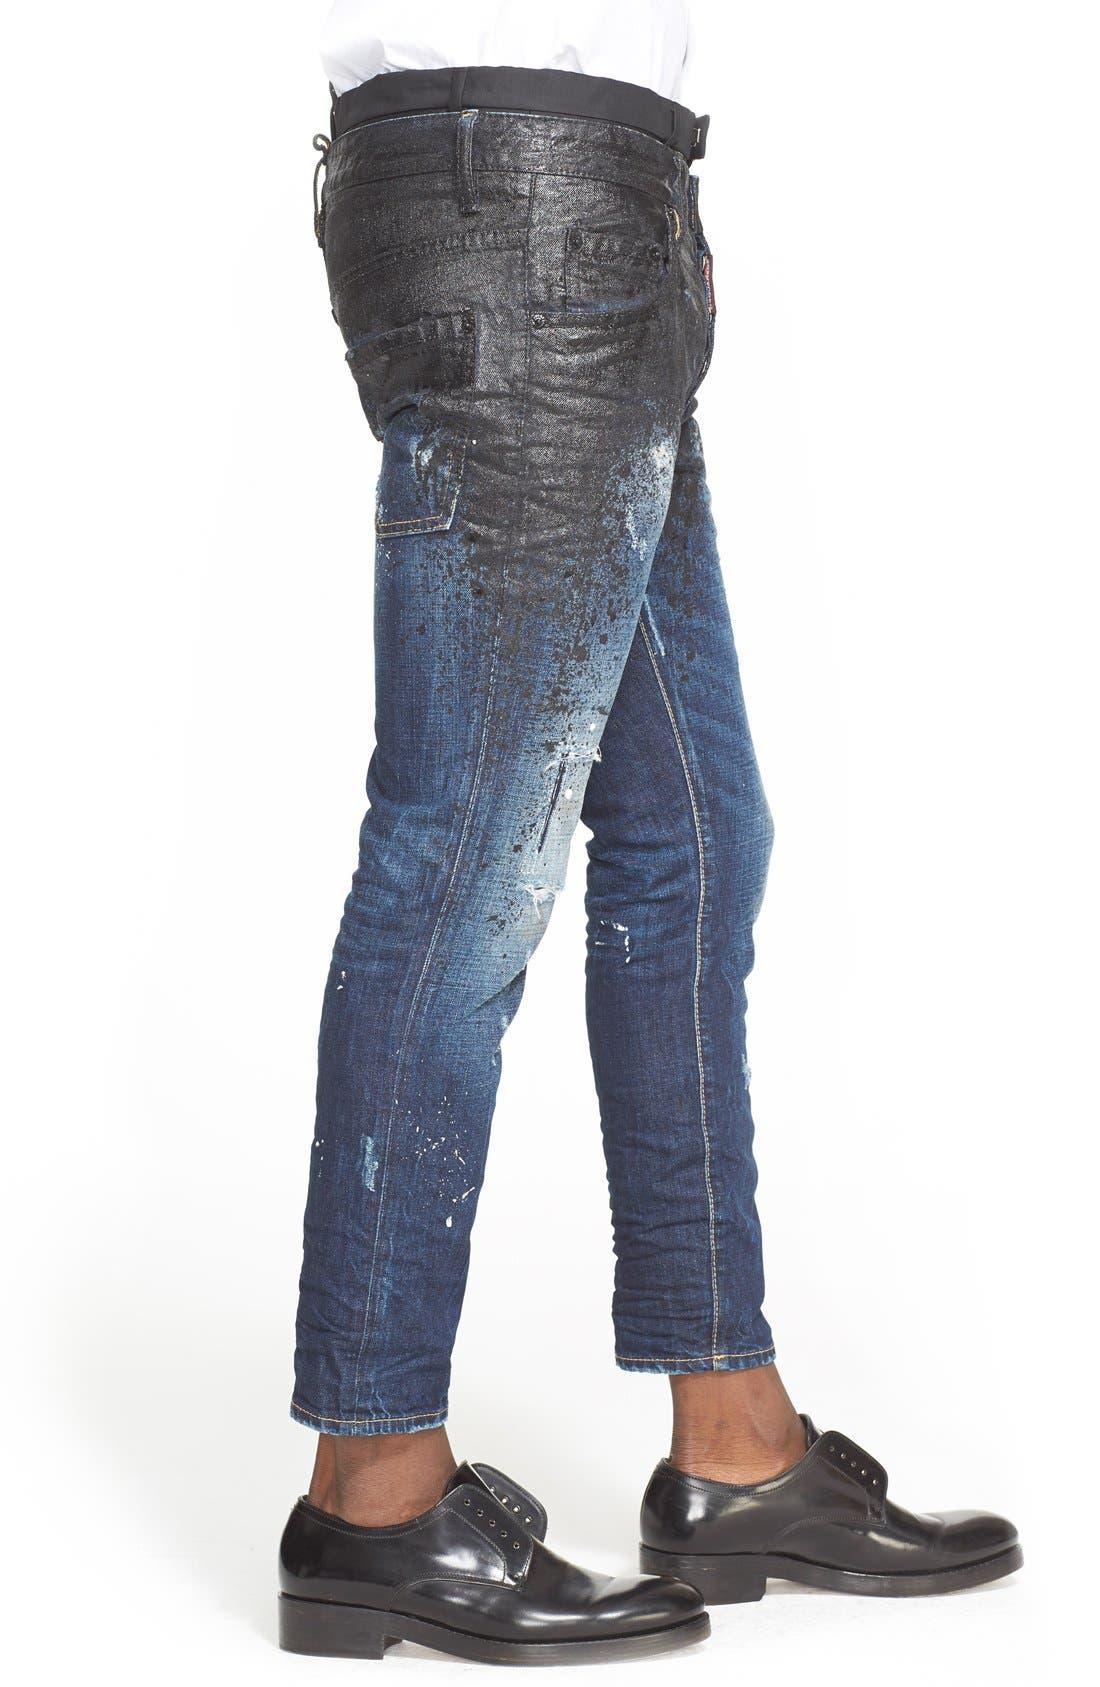 DSQUARED2, Skater Fit Double Waist Paint Splatter Jeans, Alternate thumbnail 4, color, 005